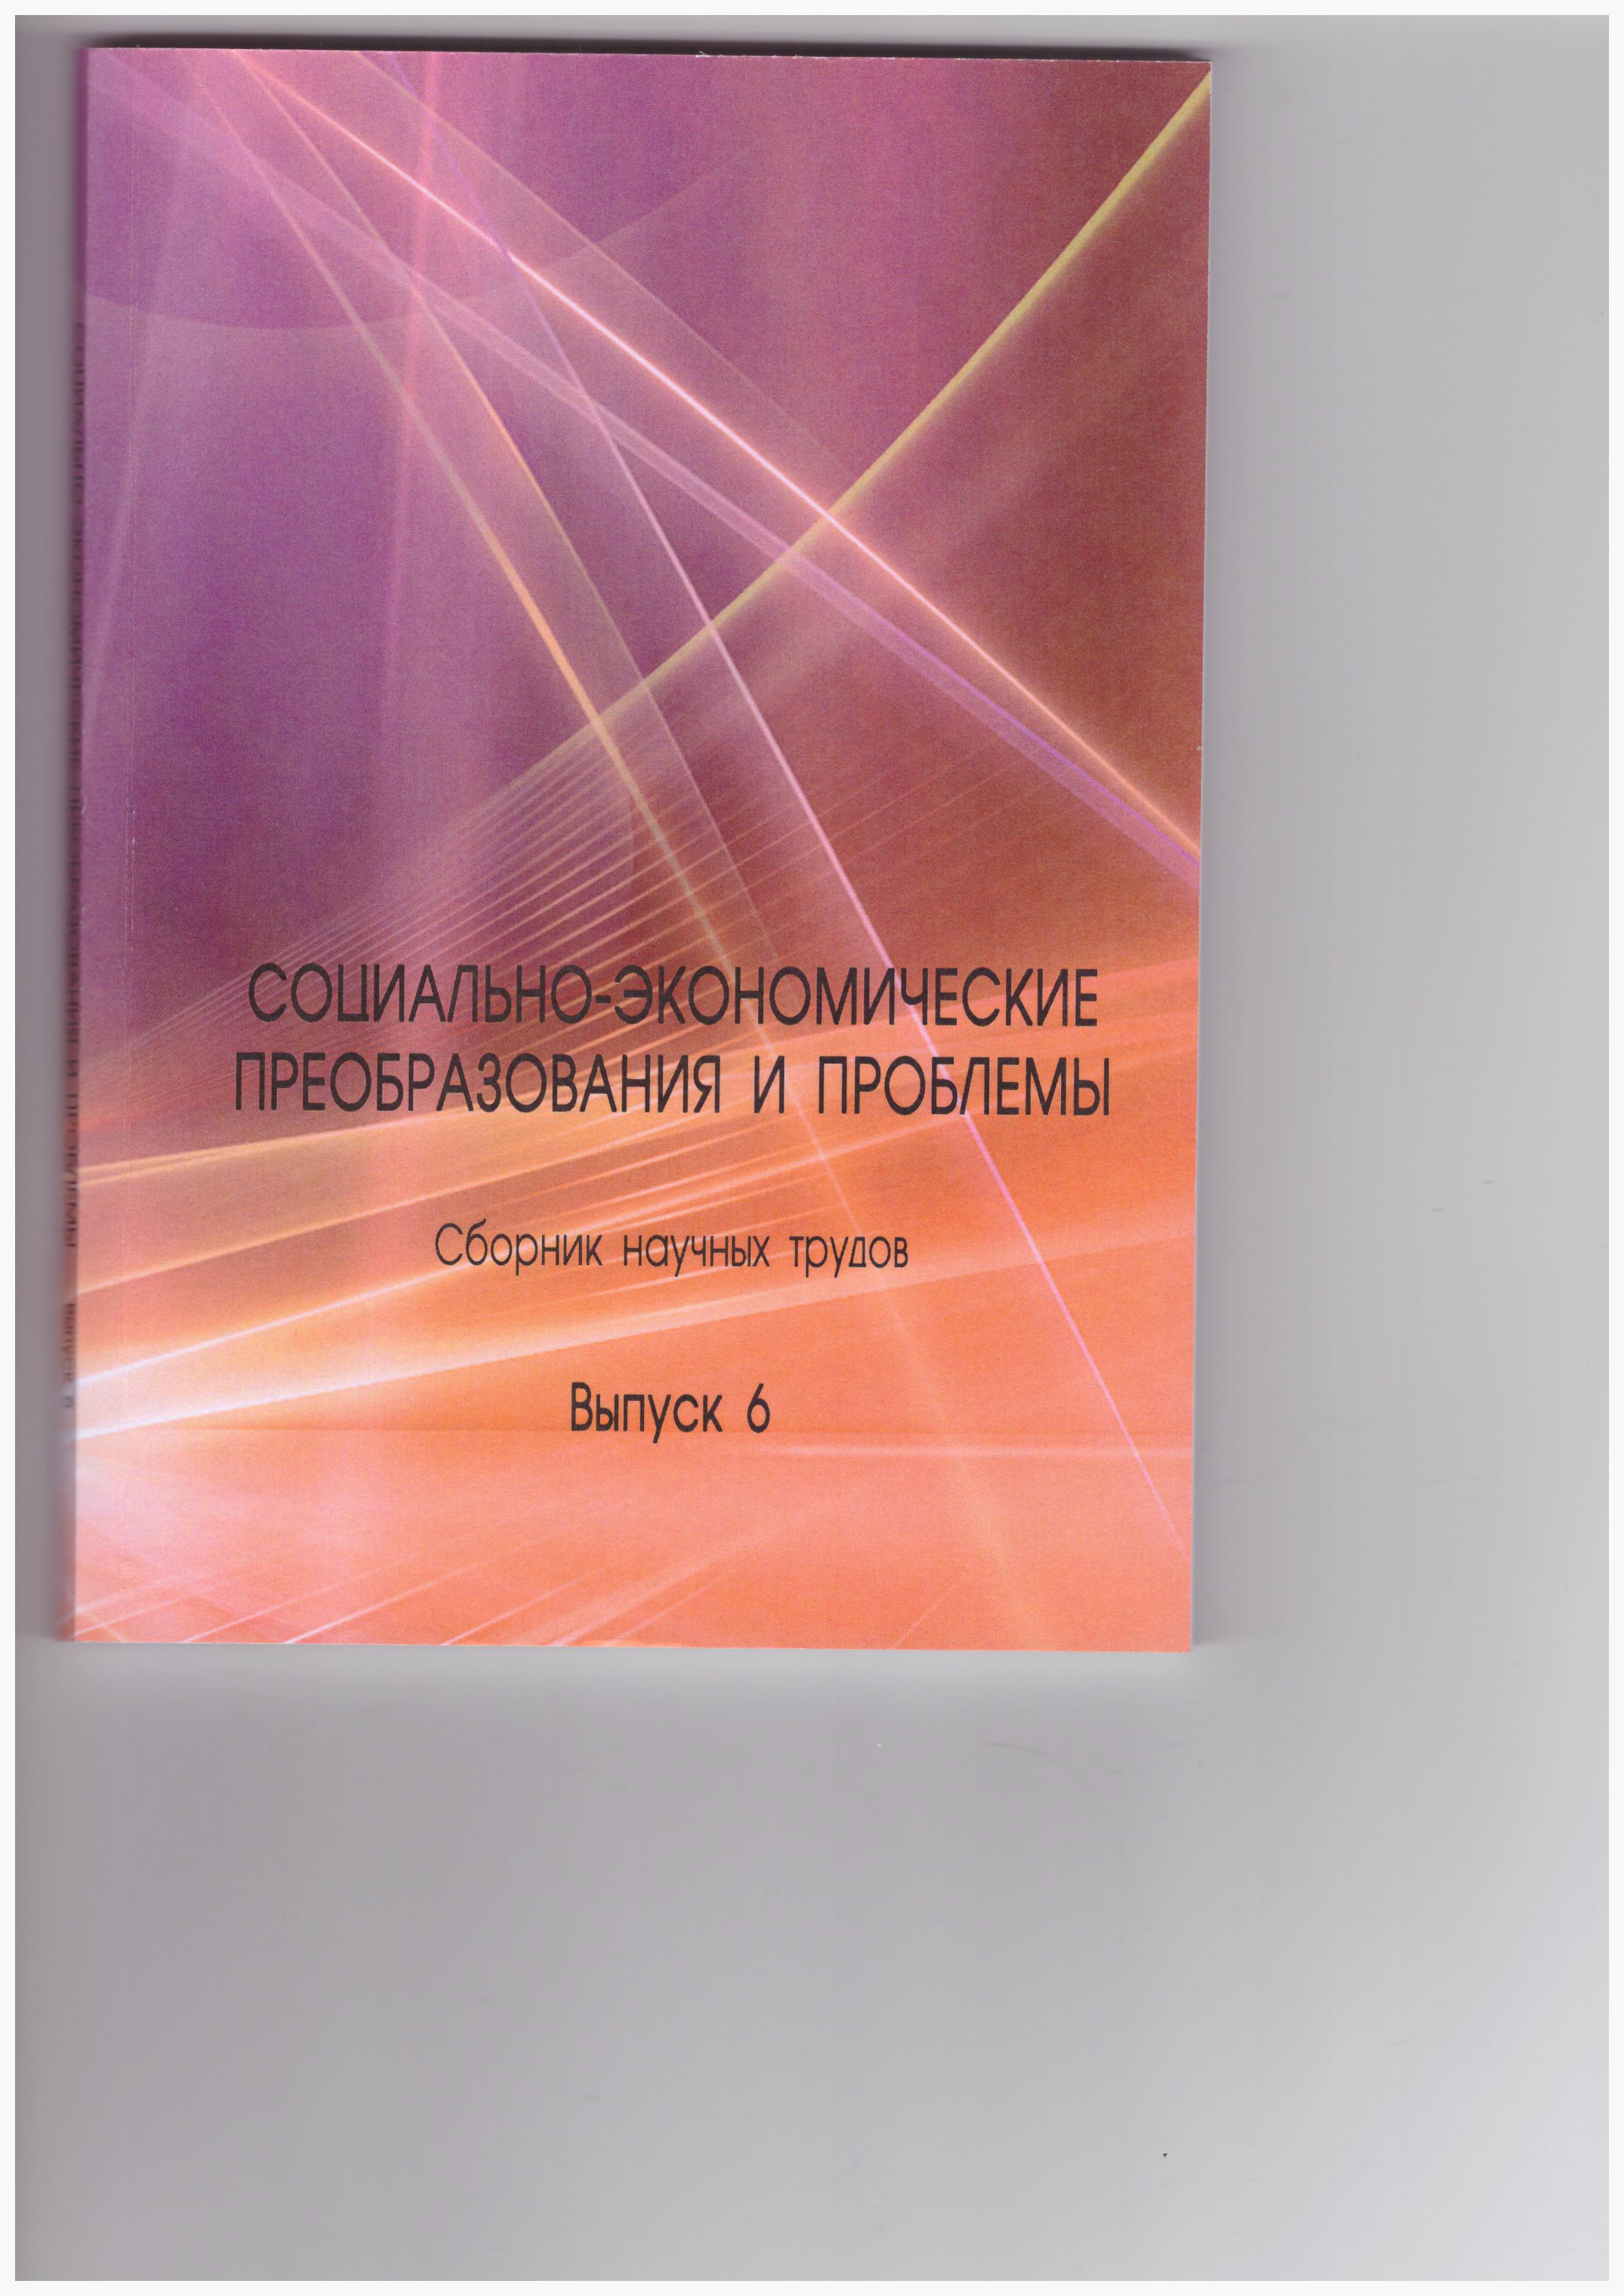 Социально-экономические преобразования и проблемы. Сборник научных трудов